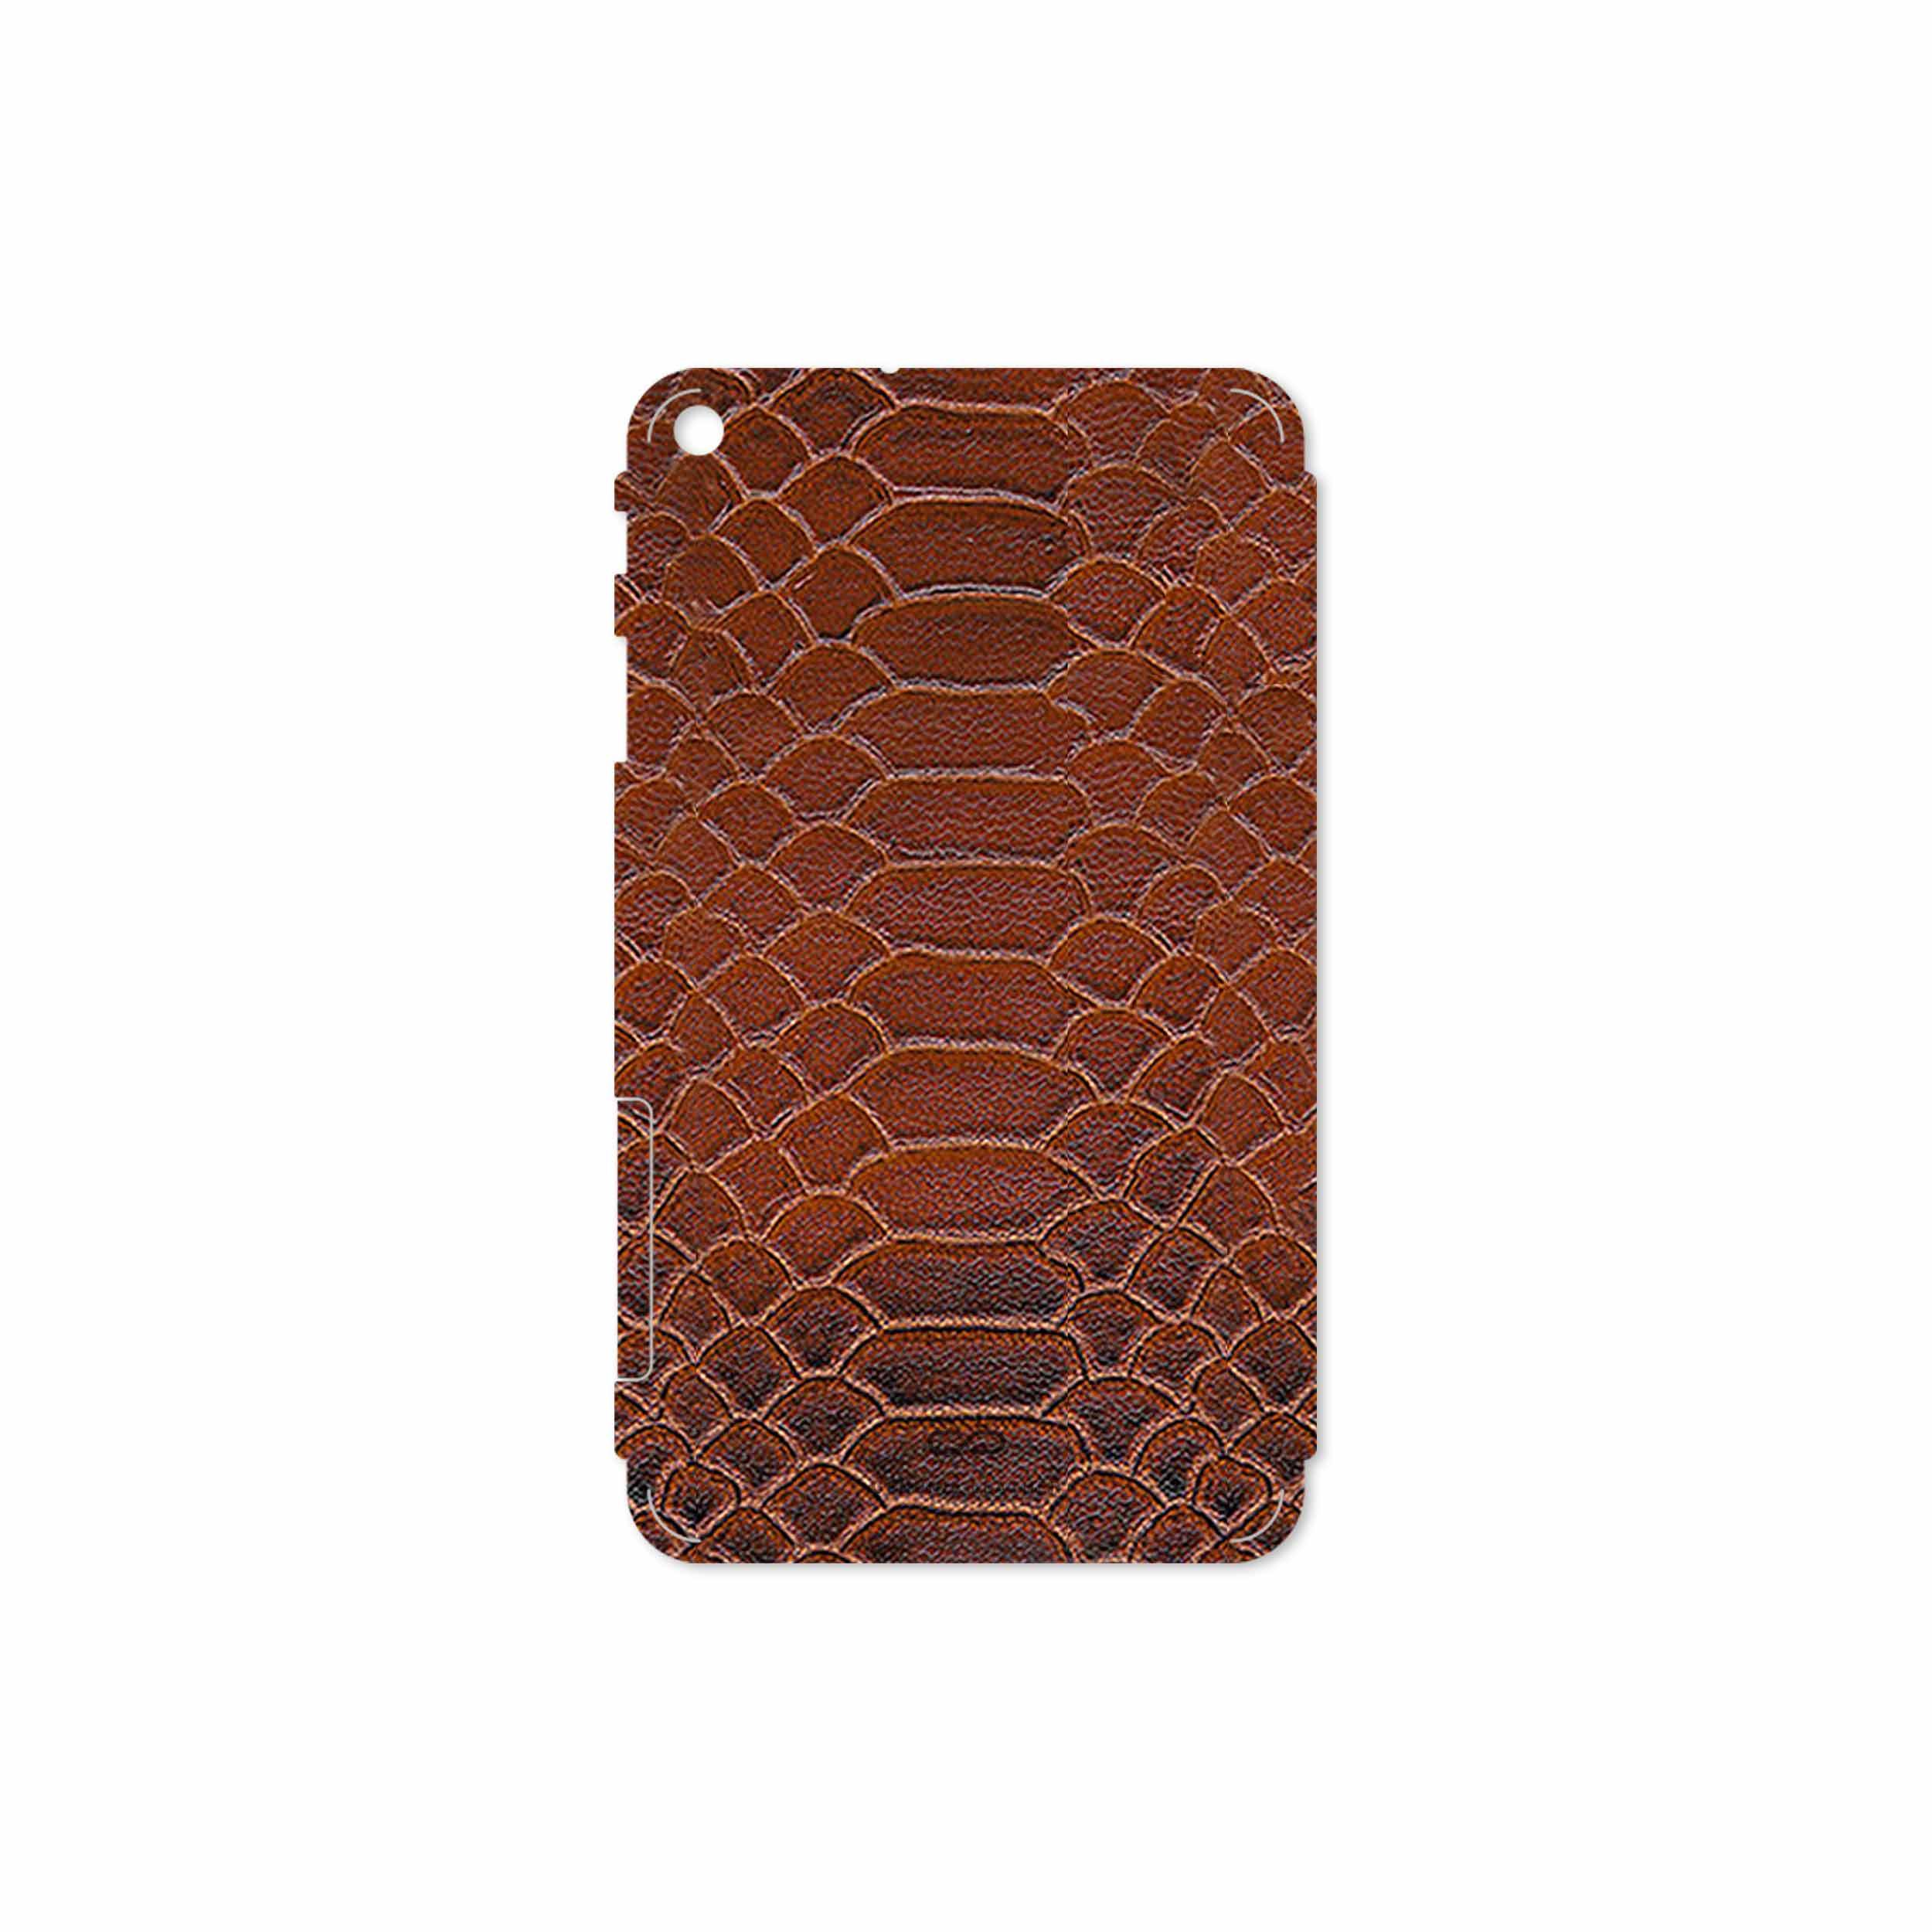 بررسی و خرید [با تخفیف]                                     برچسب پوششی ماهوت مدل Brown-Snake-Leather مناسب برای تبلت هوآوی Mediapad T1 7.0 2015                             اورجینال